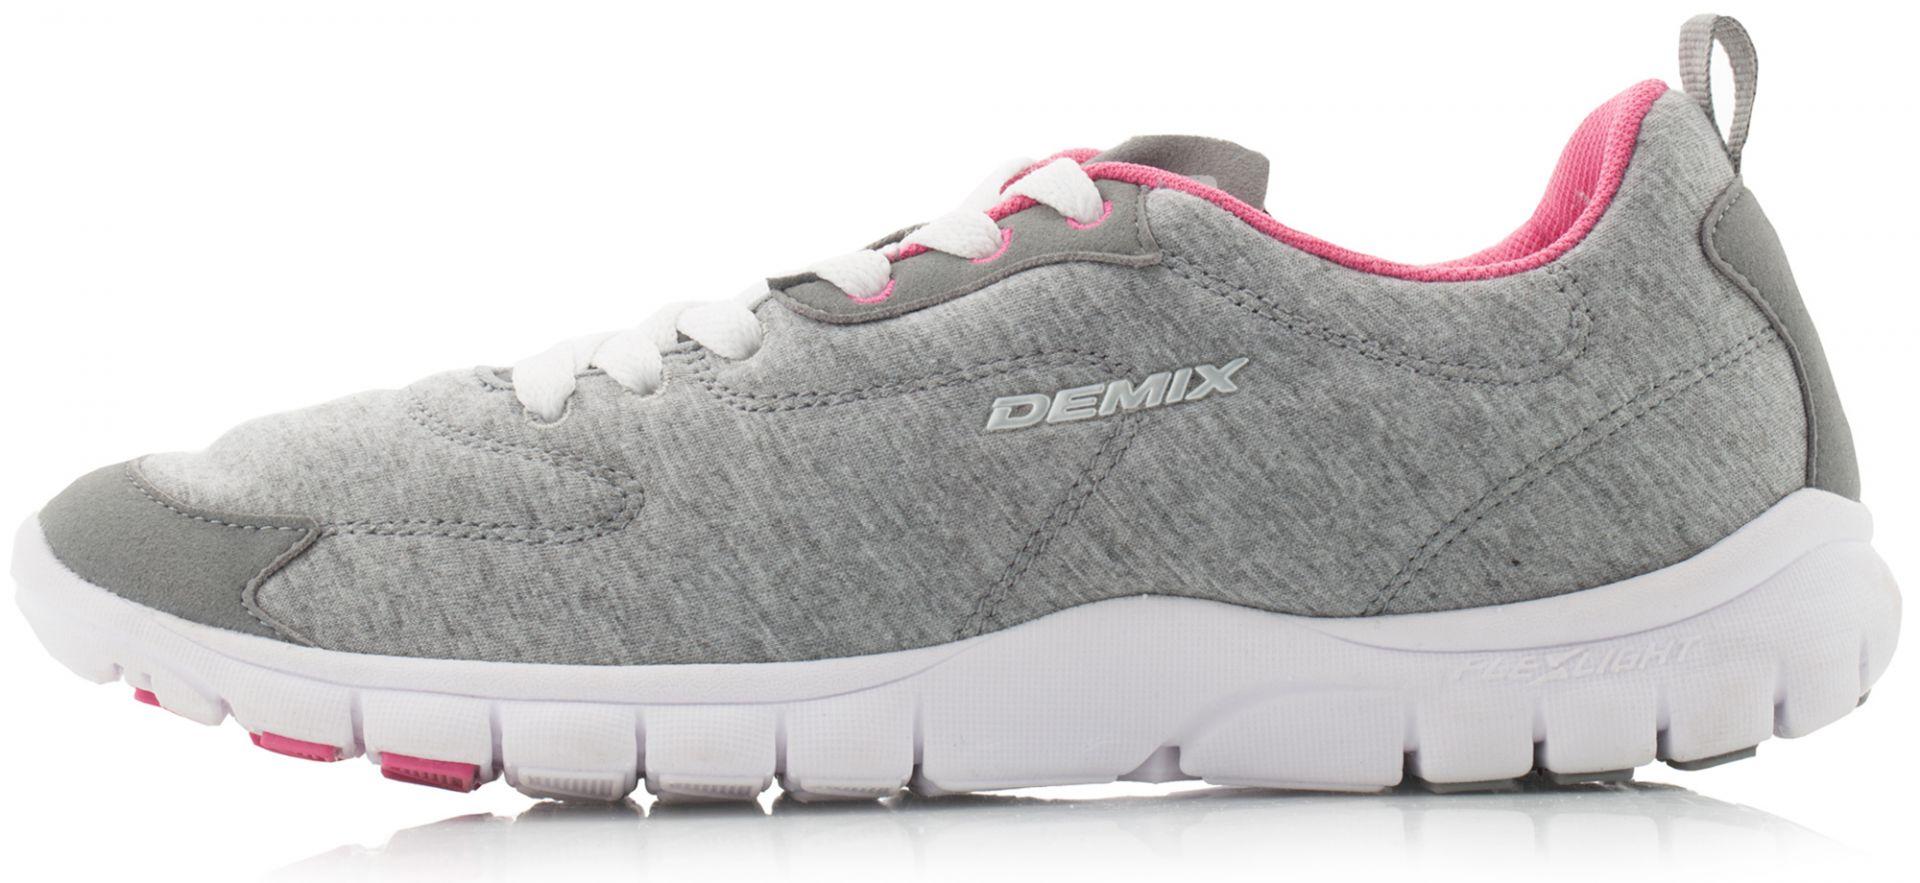 Кроссовки женские Demix Flexlight III